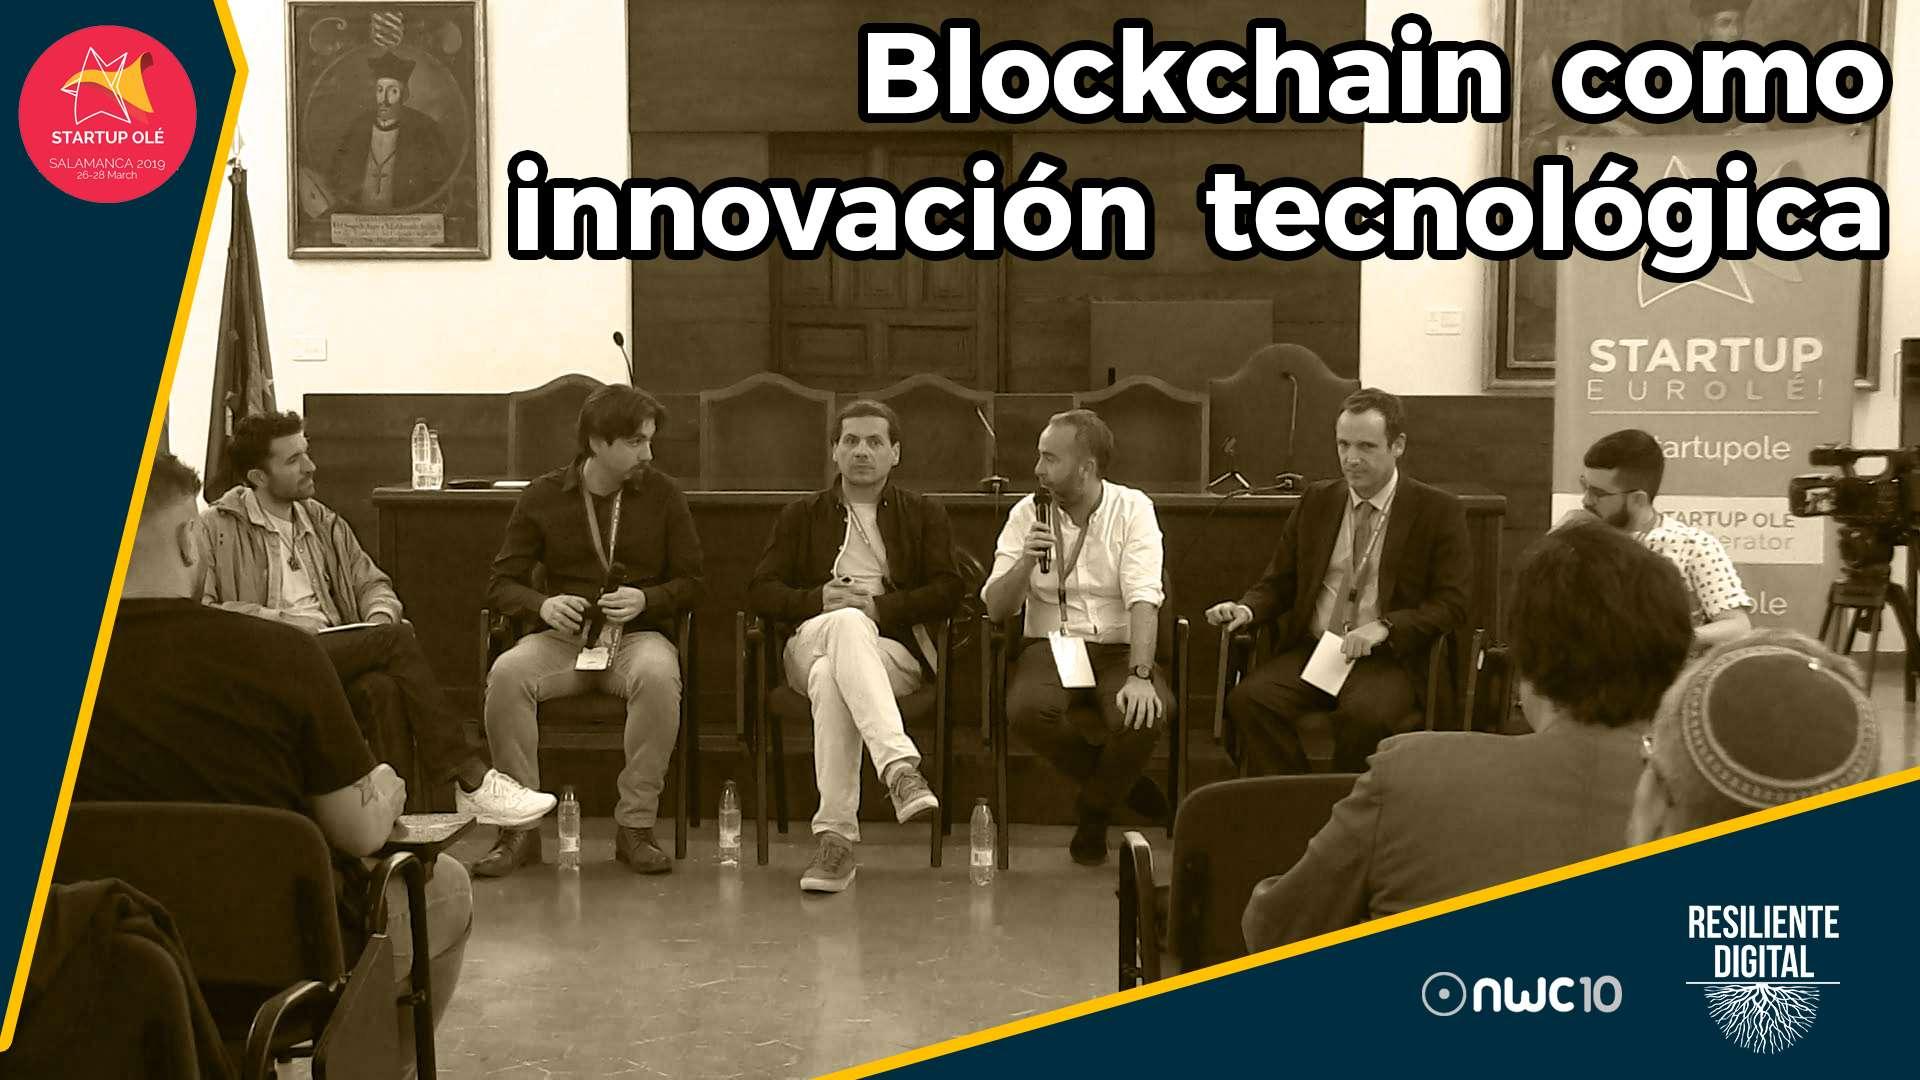 Blockchain como Innovación Tecnológica